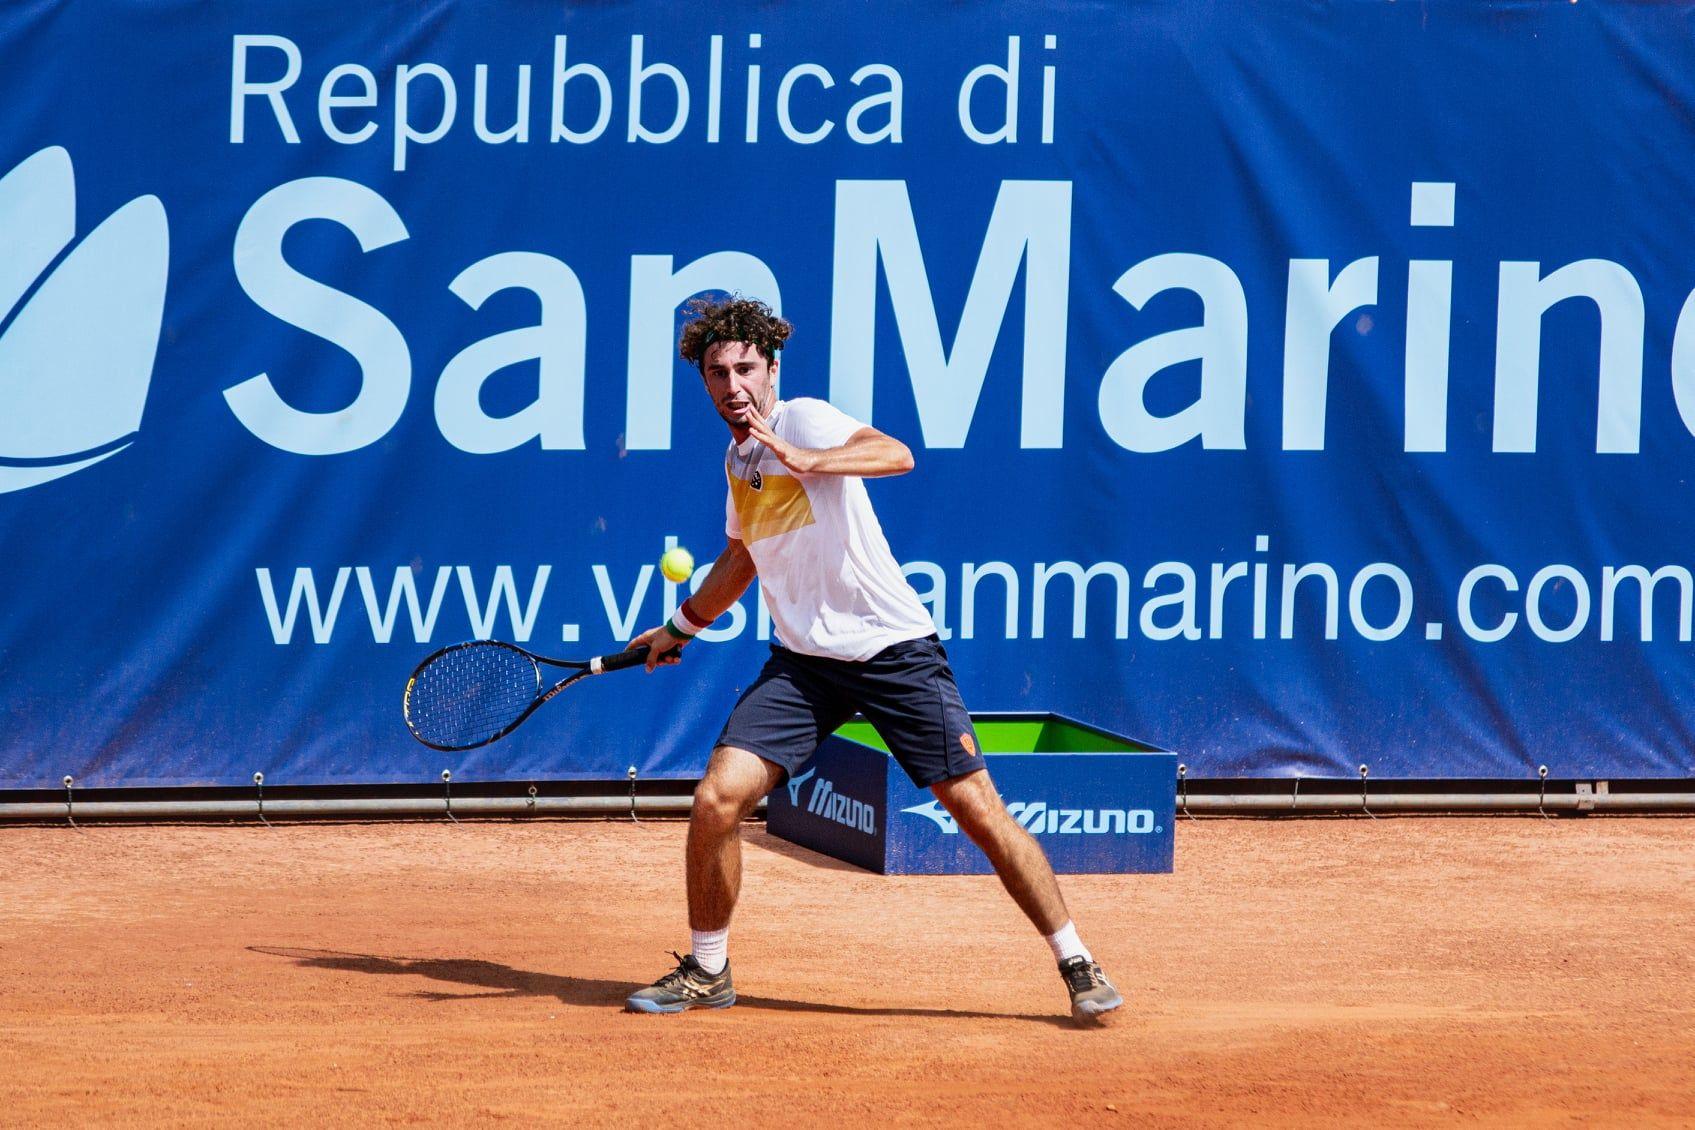 Manuel Mazza nella foto